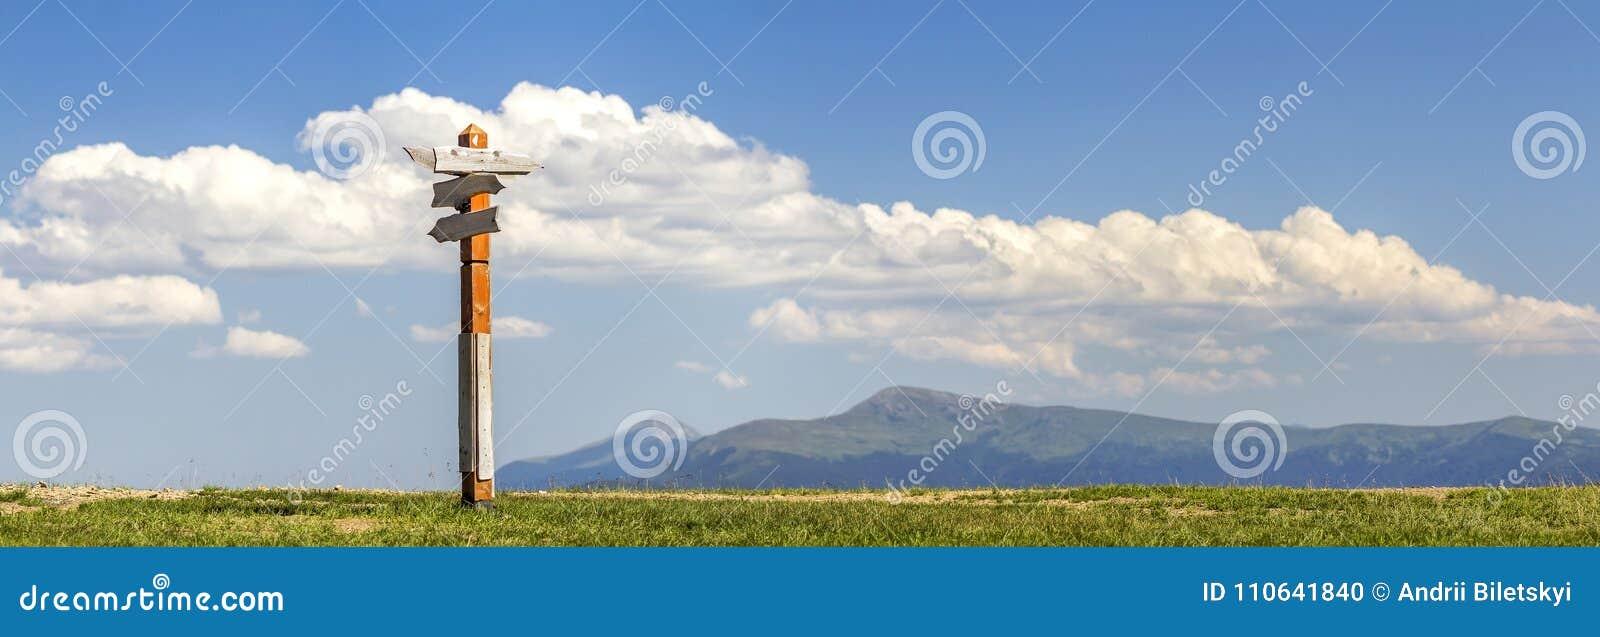 Κατευθύνσεις πορειών τουριστών που παρουσιάζονται σε ένα παραδοσιακό σημάδι κατεύθυνσης ι